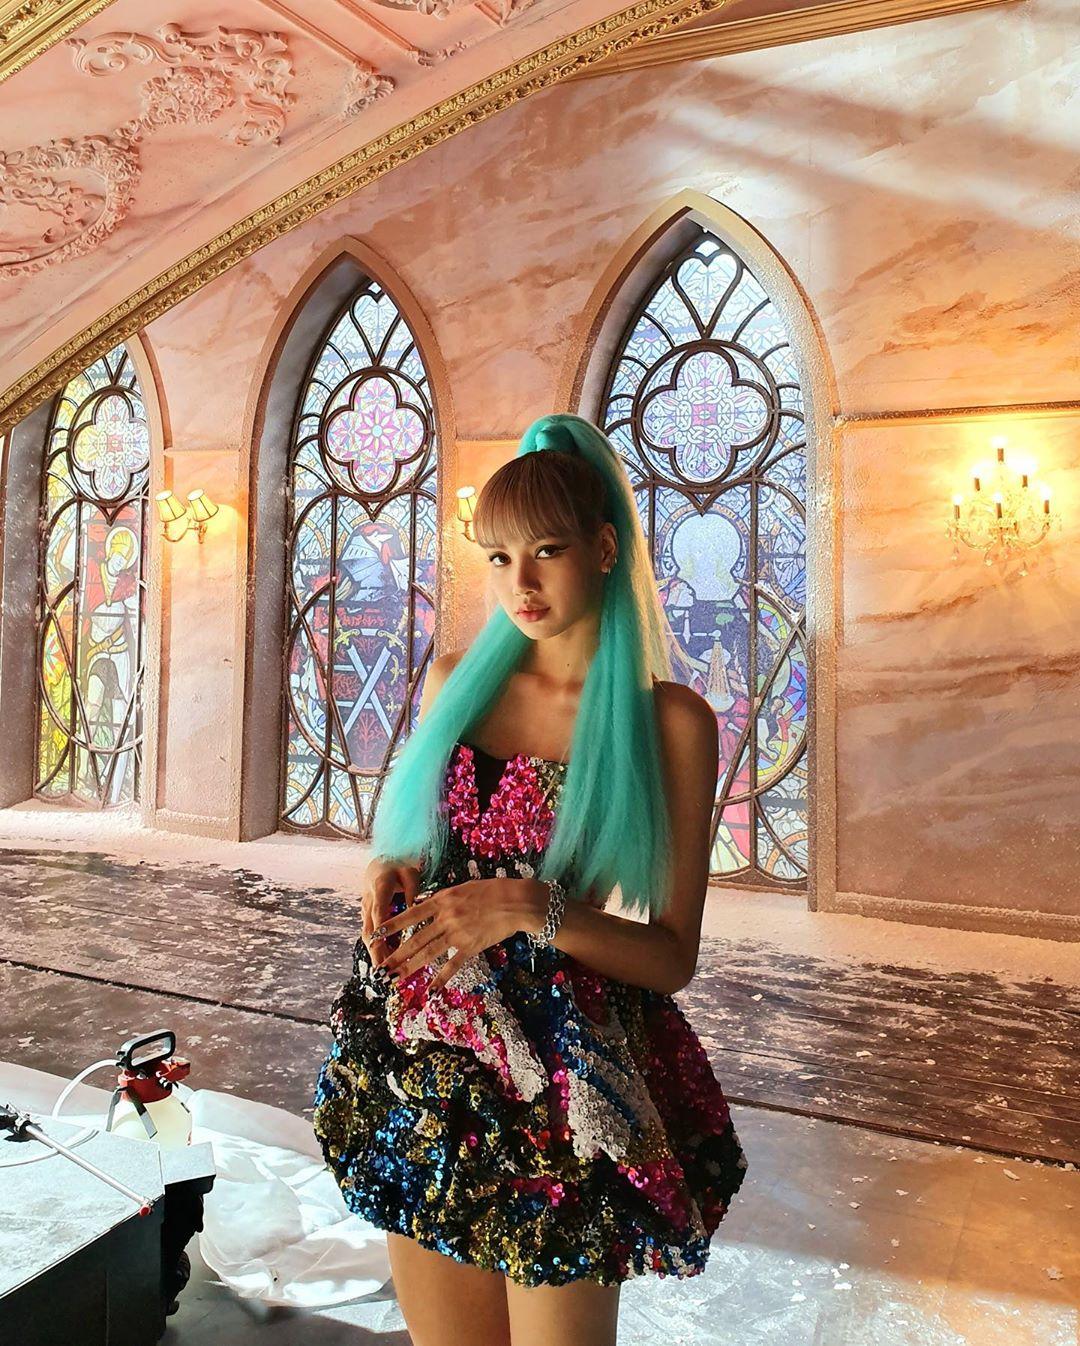 4 Blackpink Lisa Instagram Update 6 August 2019 Kill This Love Behind The Scenes